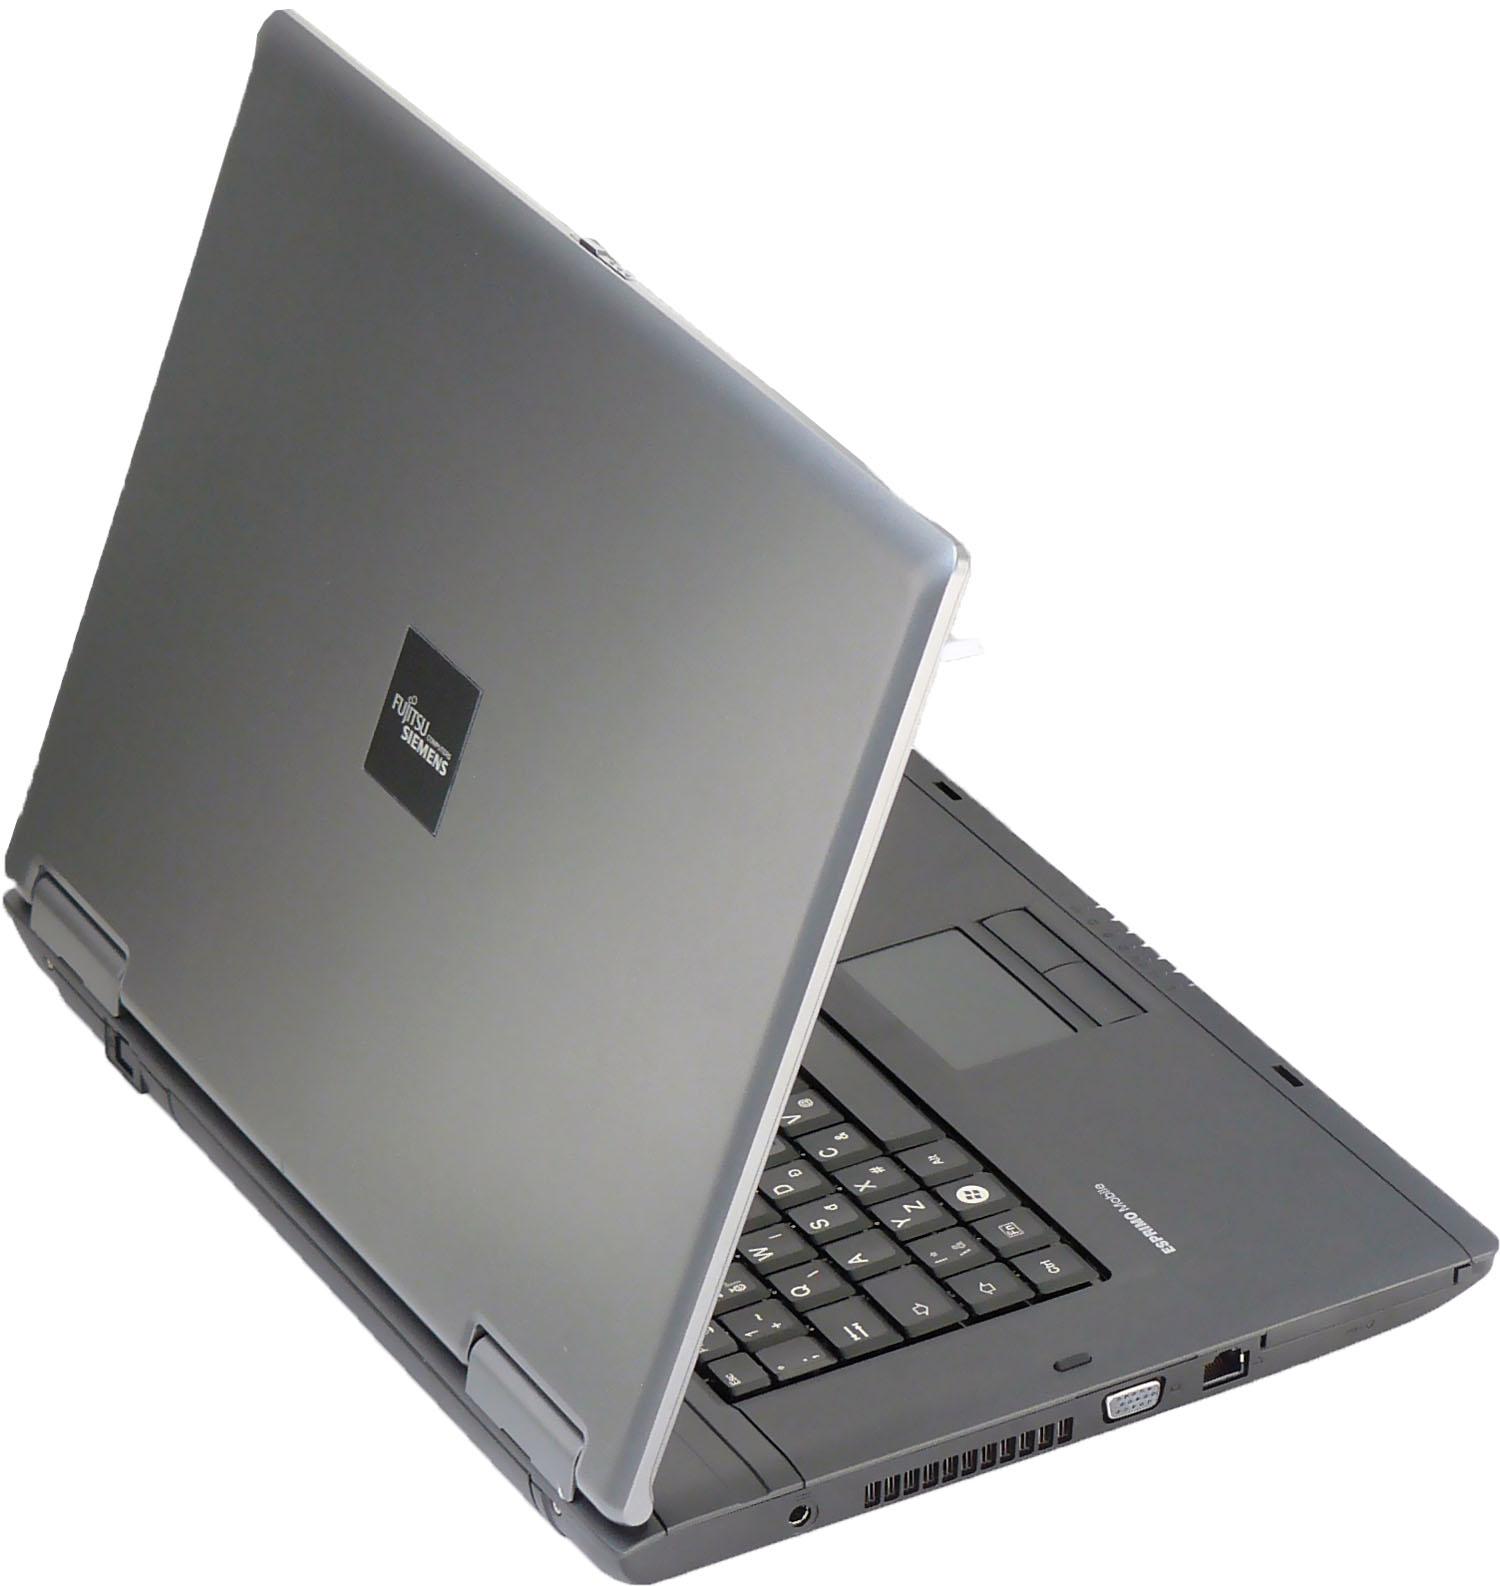 FSC Esprimo V5535 - vybíráme levný notebook